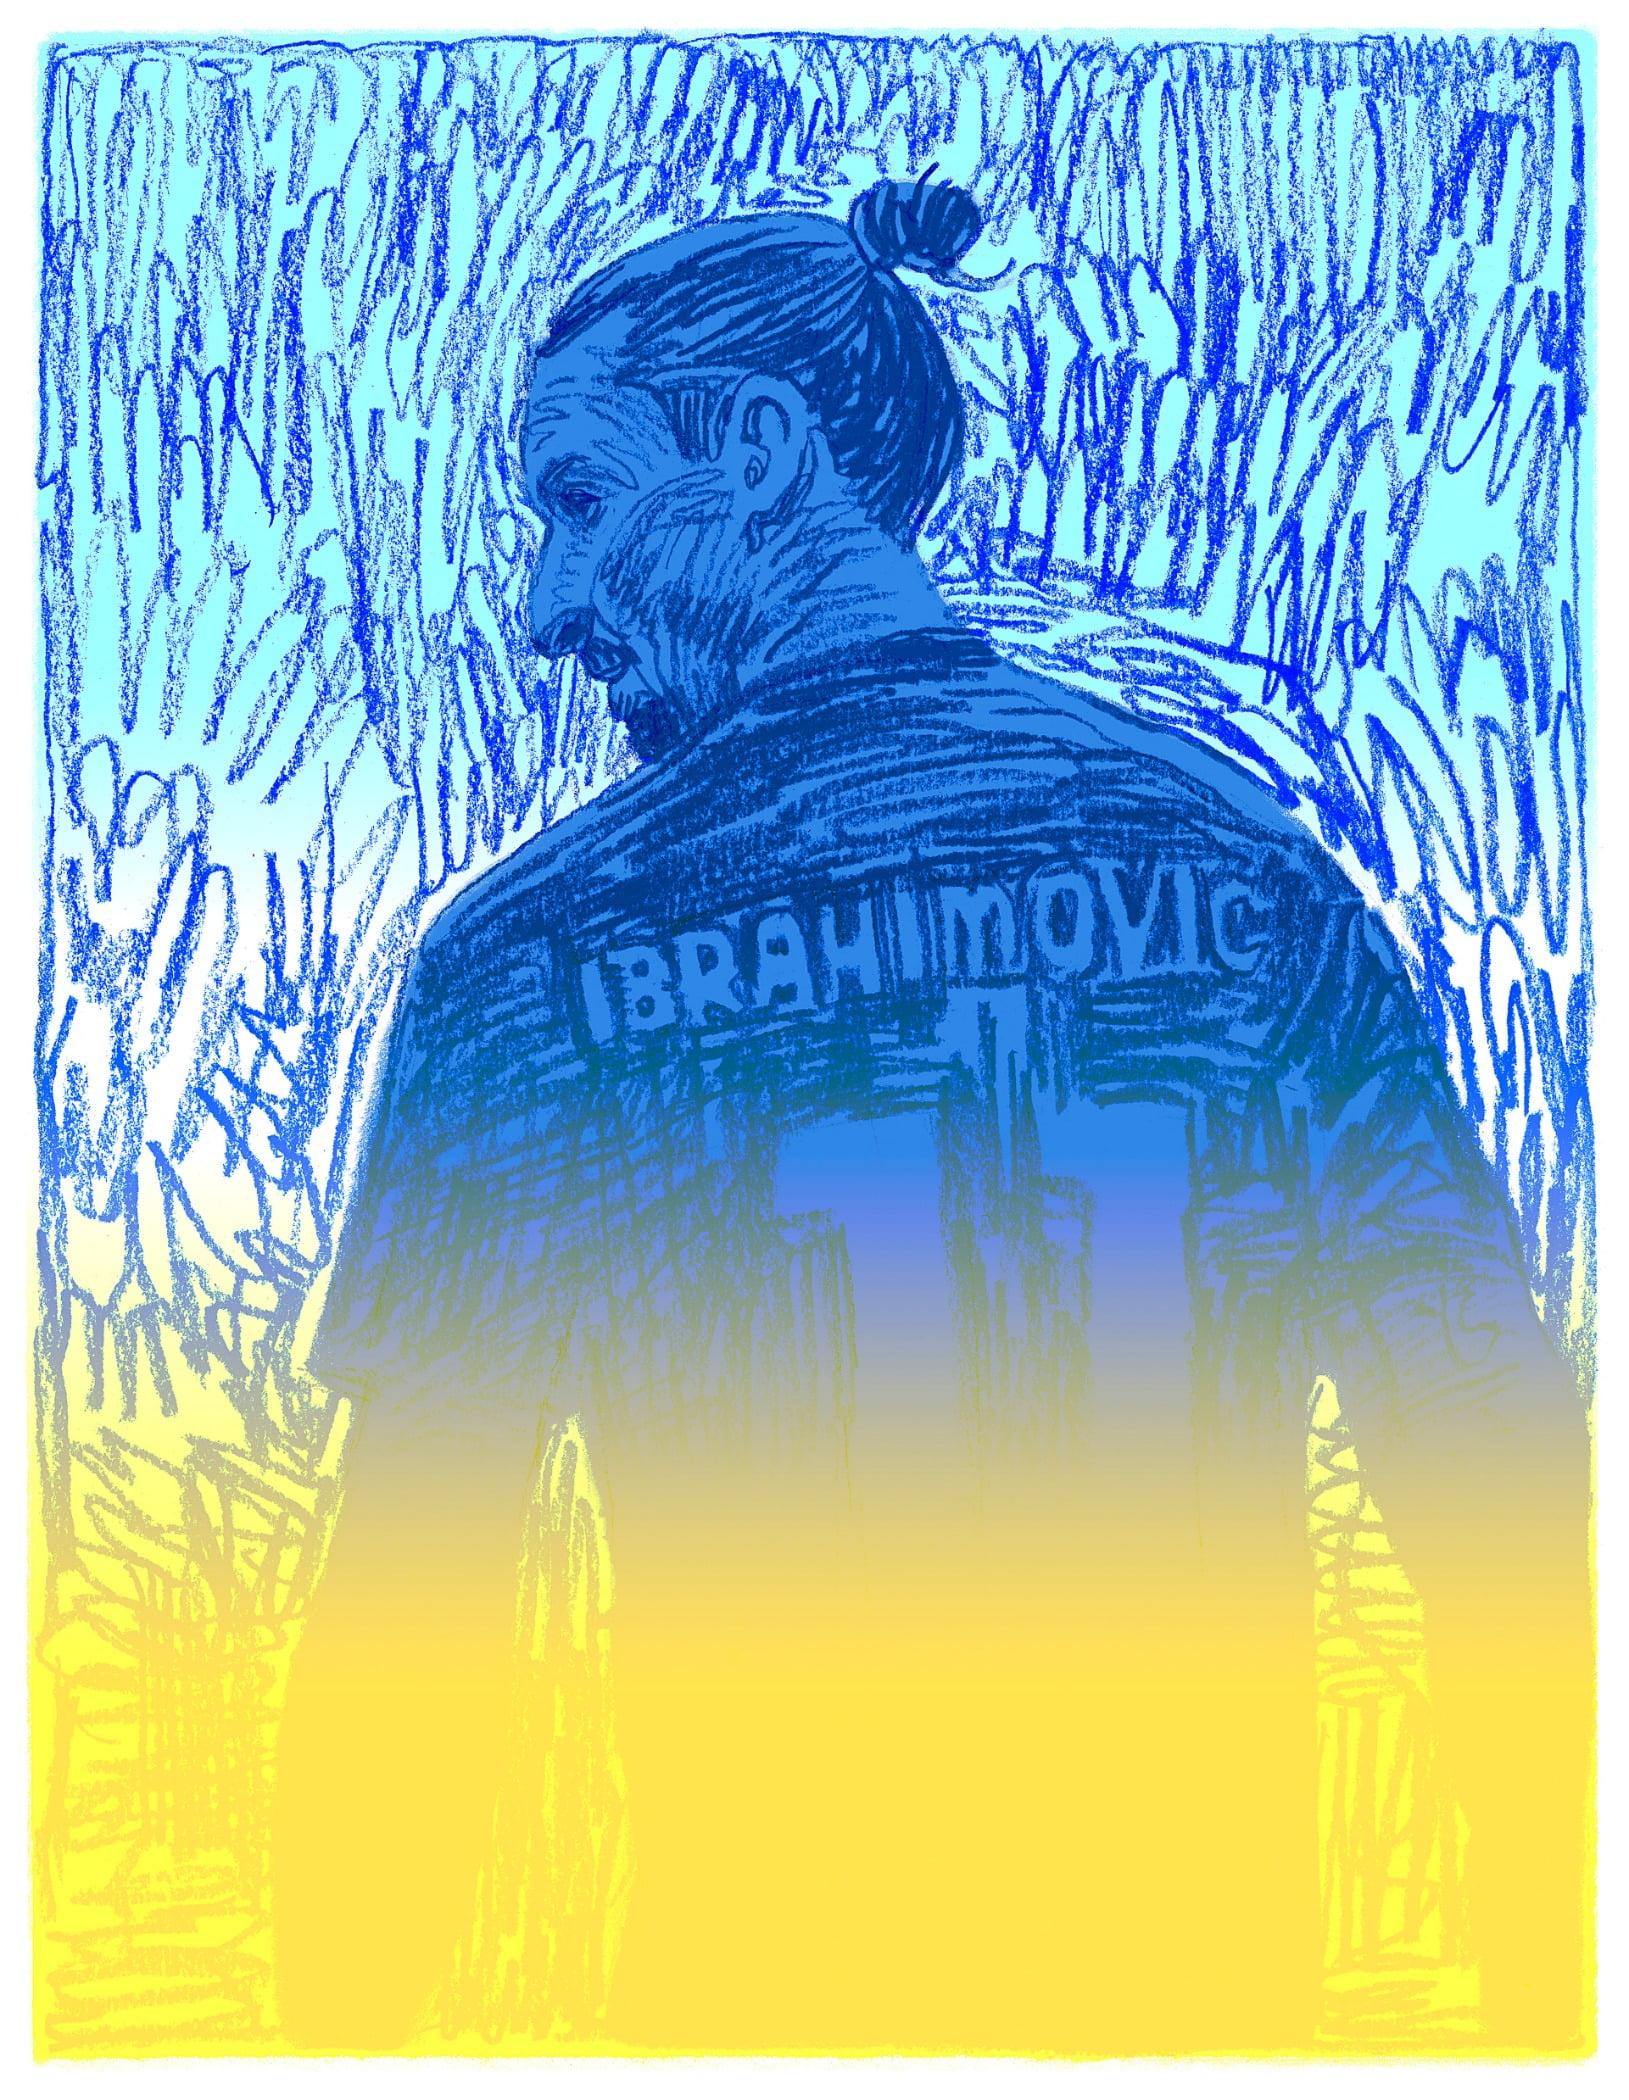 Human body, Azure, Blue, Art, Font